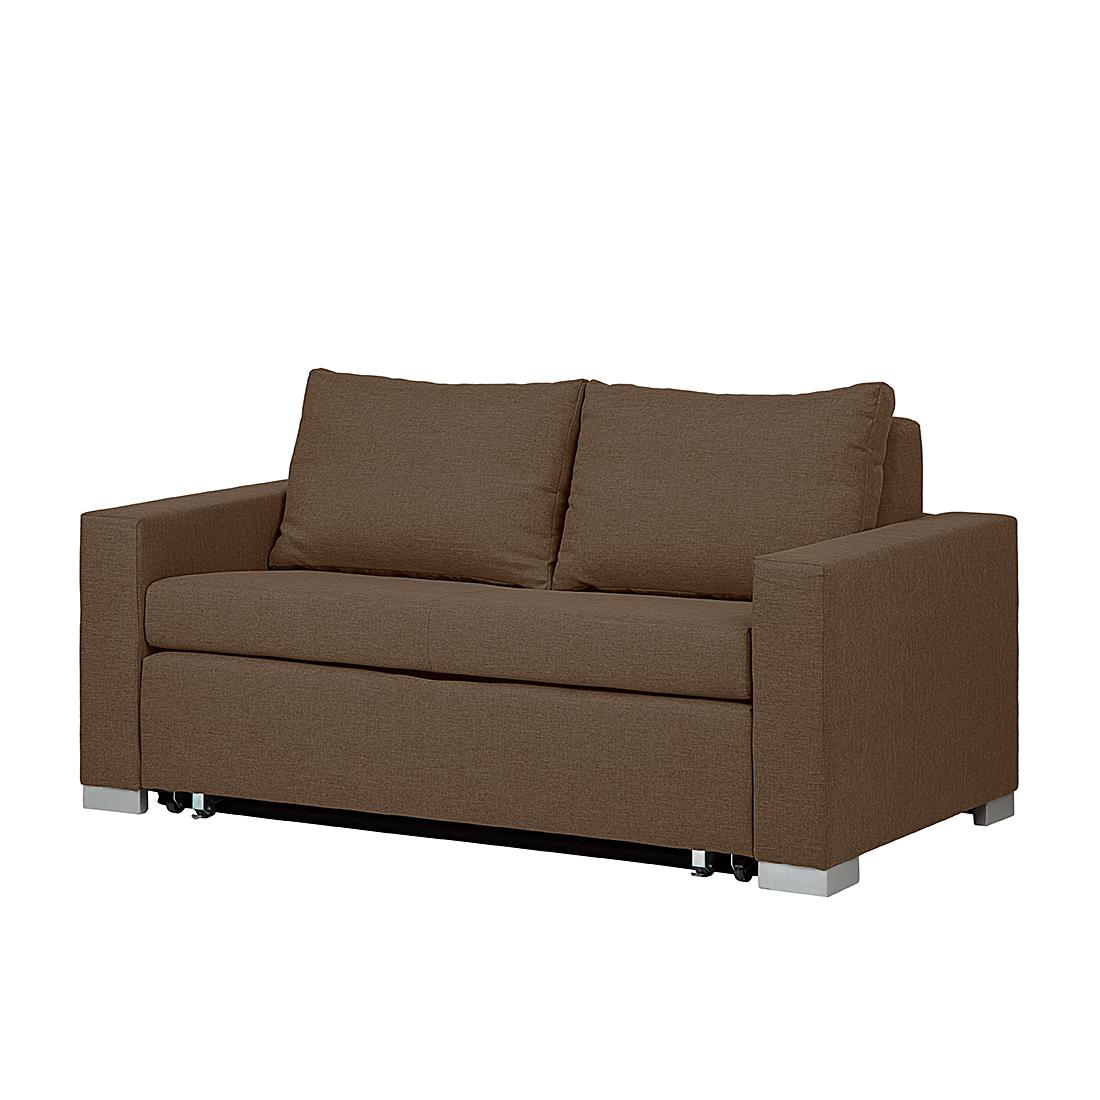 g nstiger m bel und designerm bellieferung schlafsofa. Black Bedroom Furniture Sets. Home Design Ideas